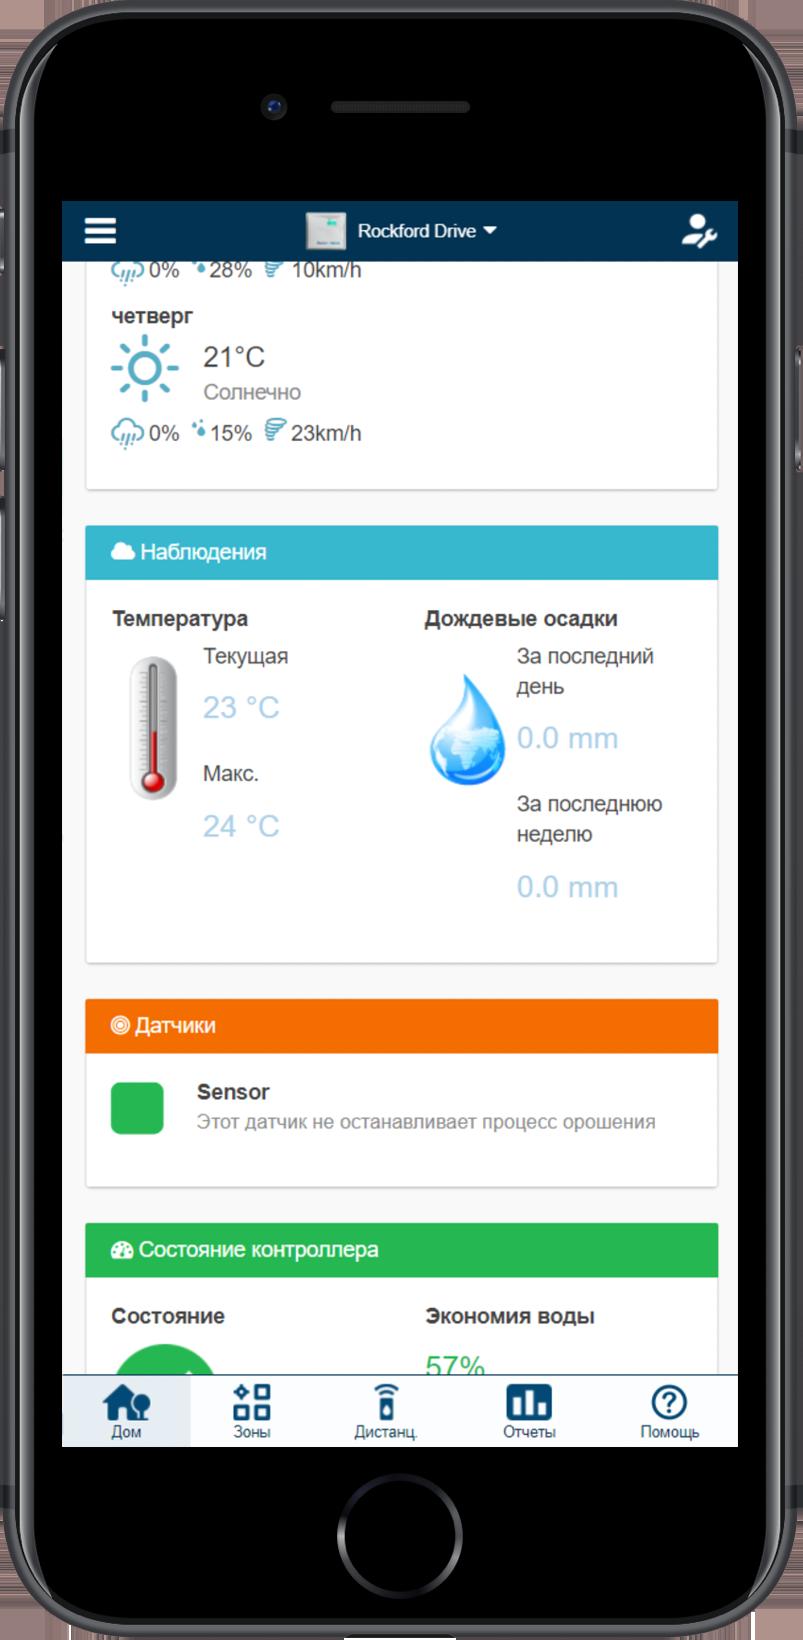 basic_app_navigation_3_en-us.png